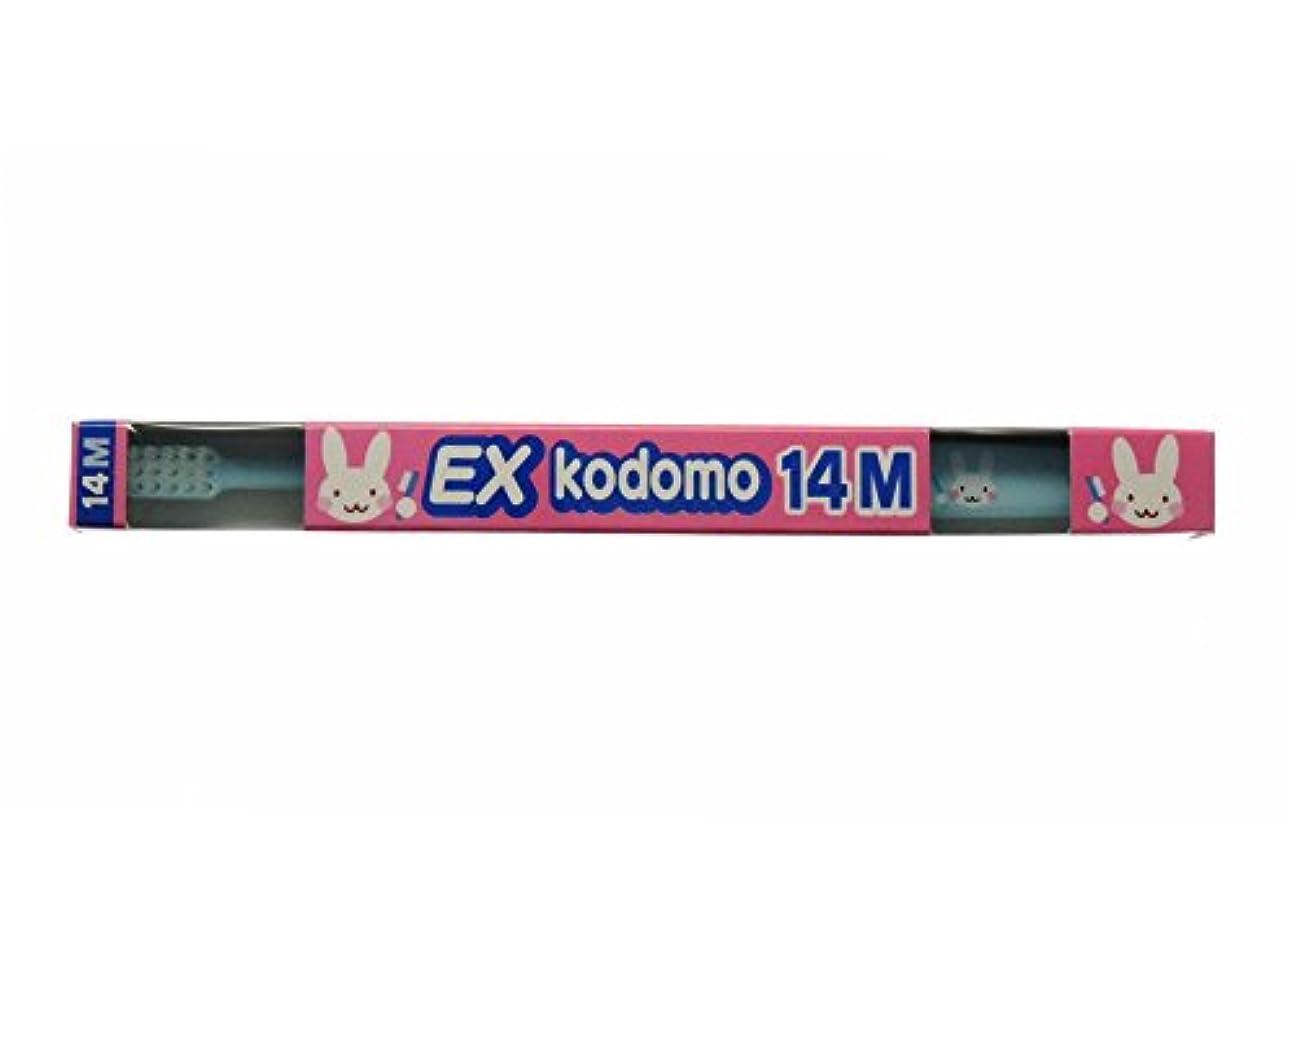 エッセンス構想する私ライオン コドモ DENT.EX kodomo 1本 14M ブルー (仕上げ磨き用?0?6歳)